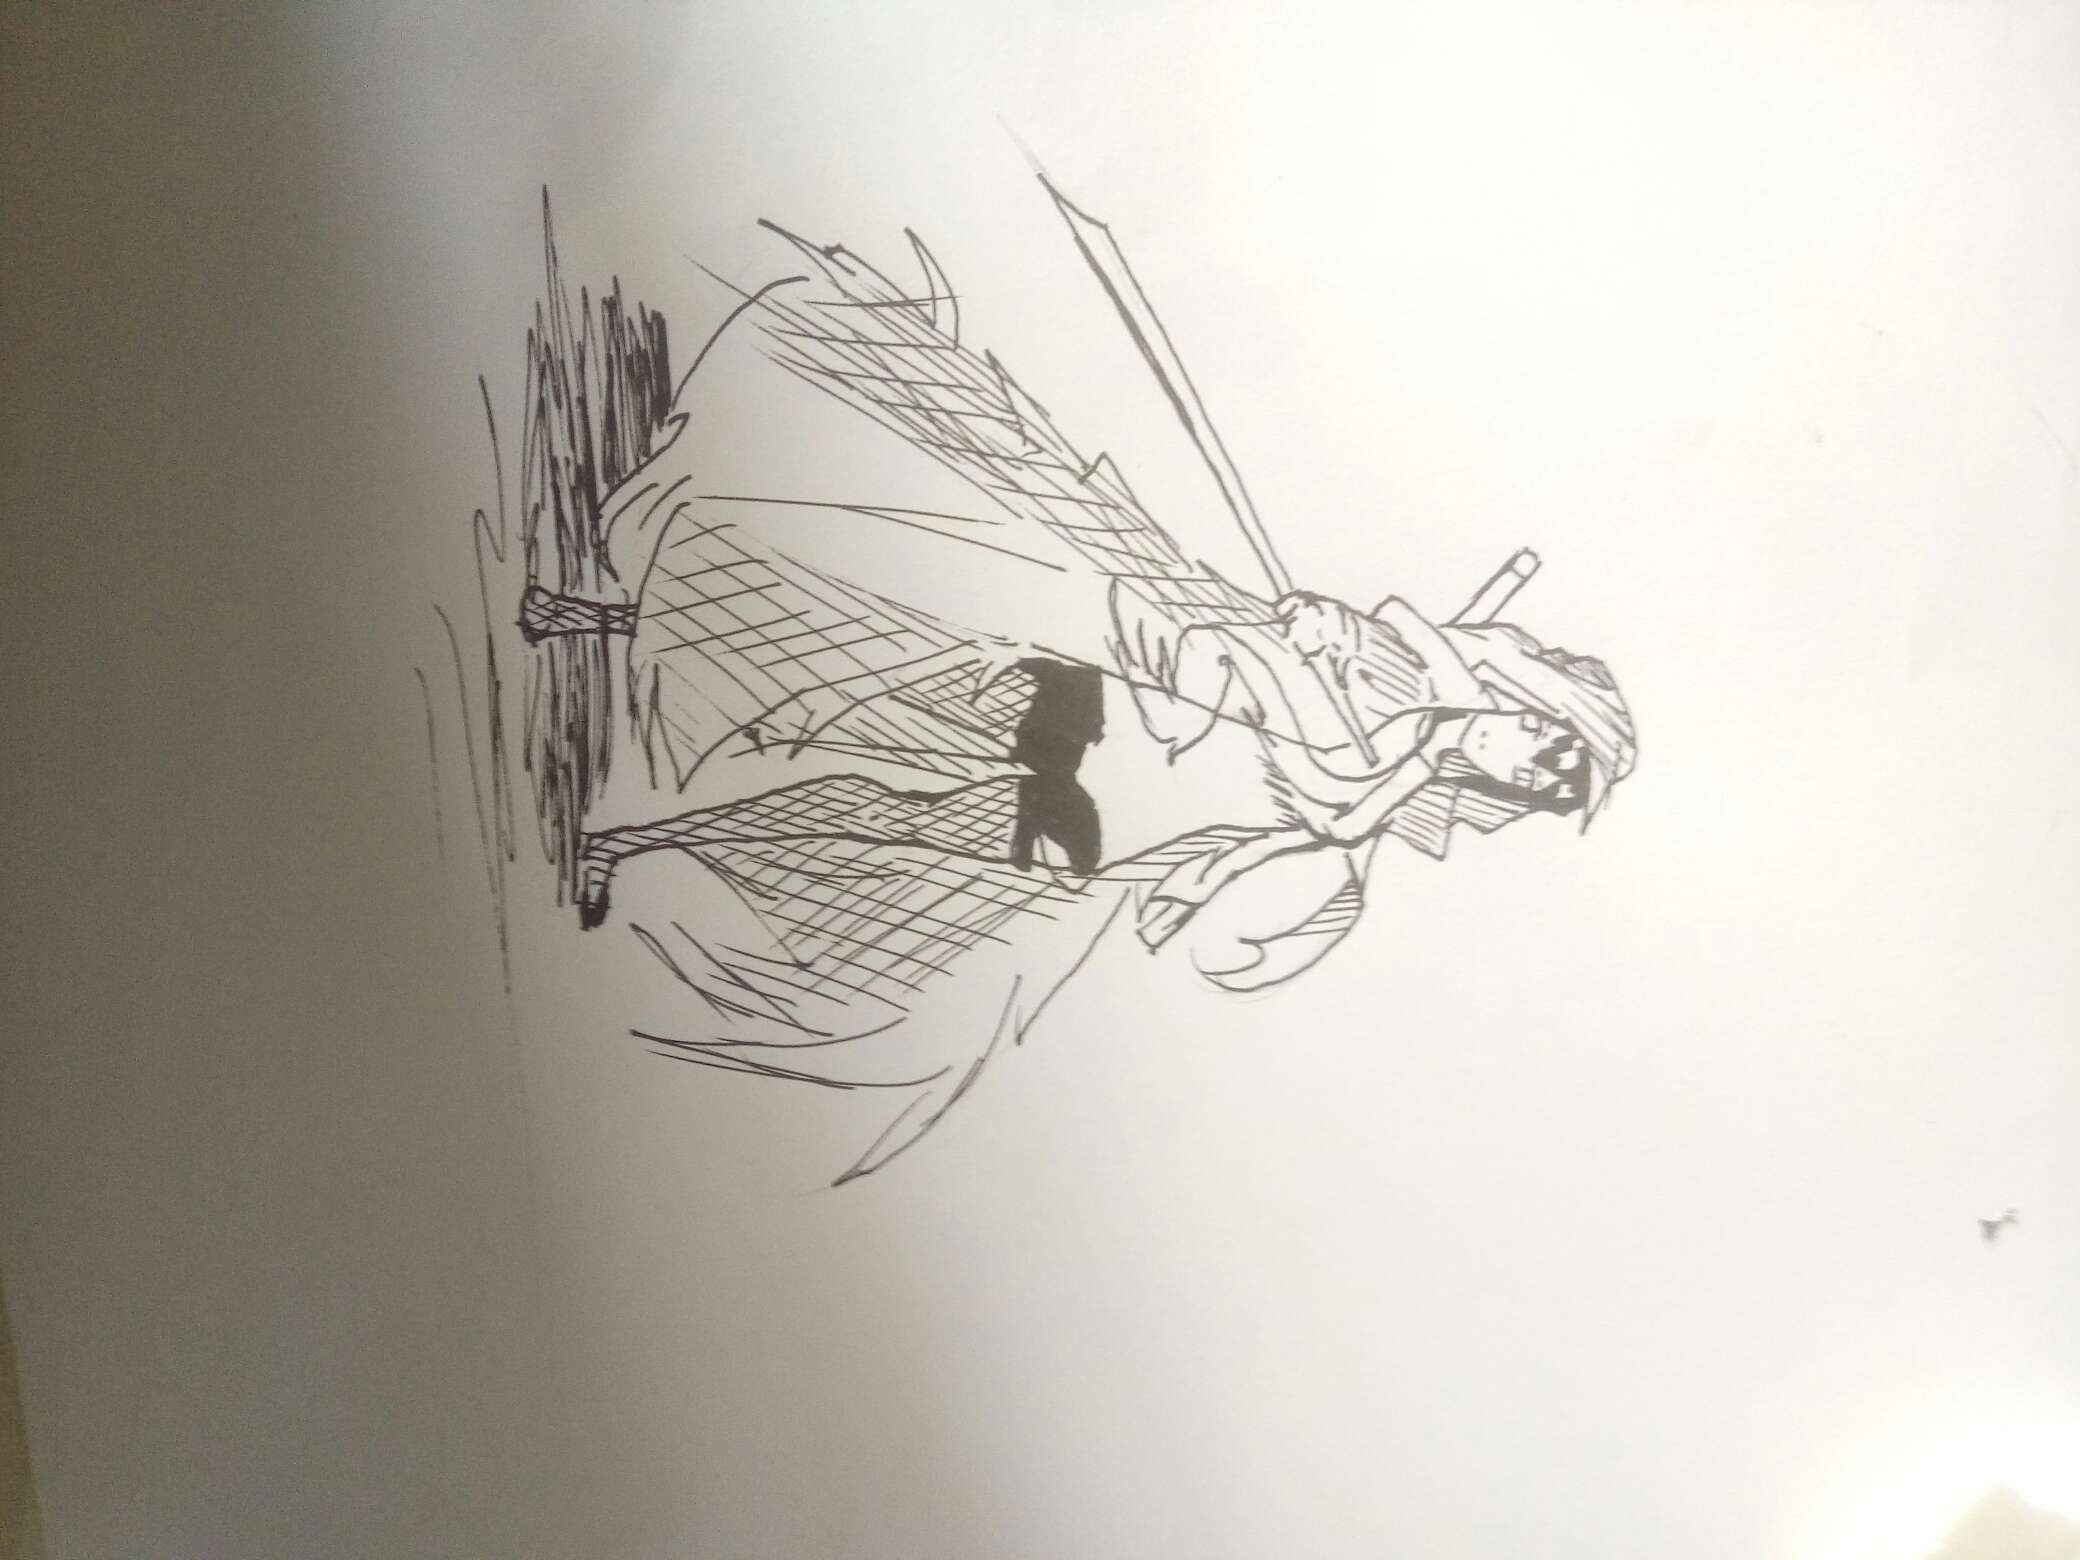 【手绘】原创缝合怪,可爱和尚漫画图片